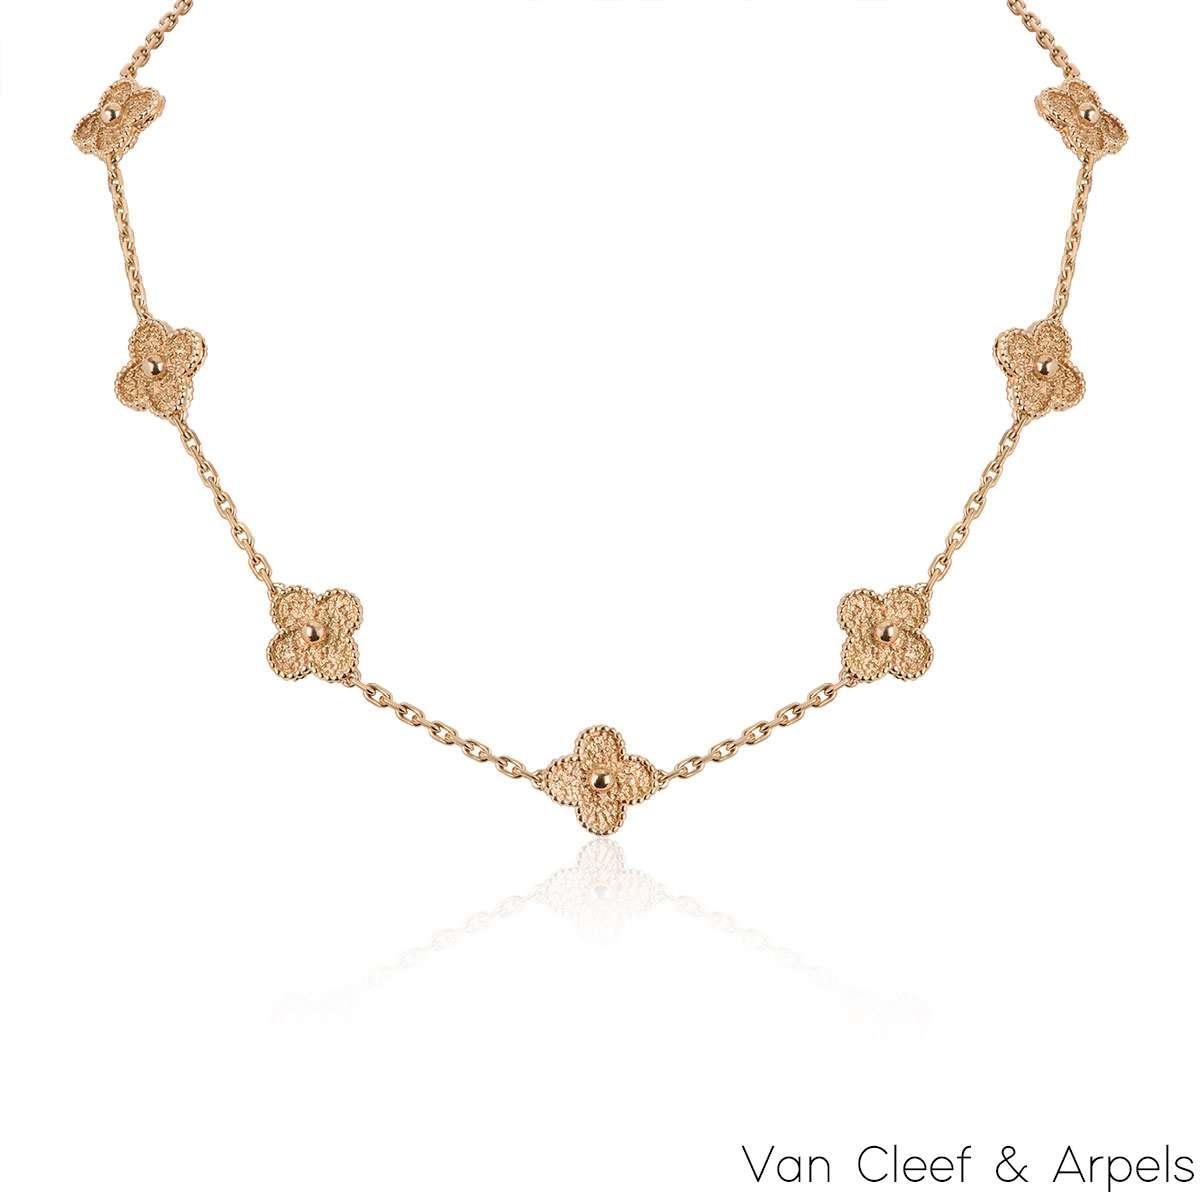 Van Cleef & Arpels Rose Gold Vintage Alhambra Necklace VCARN9T100